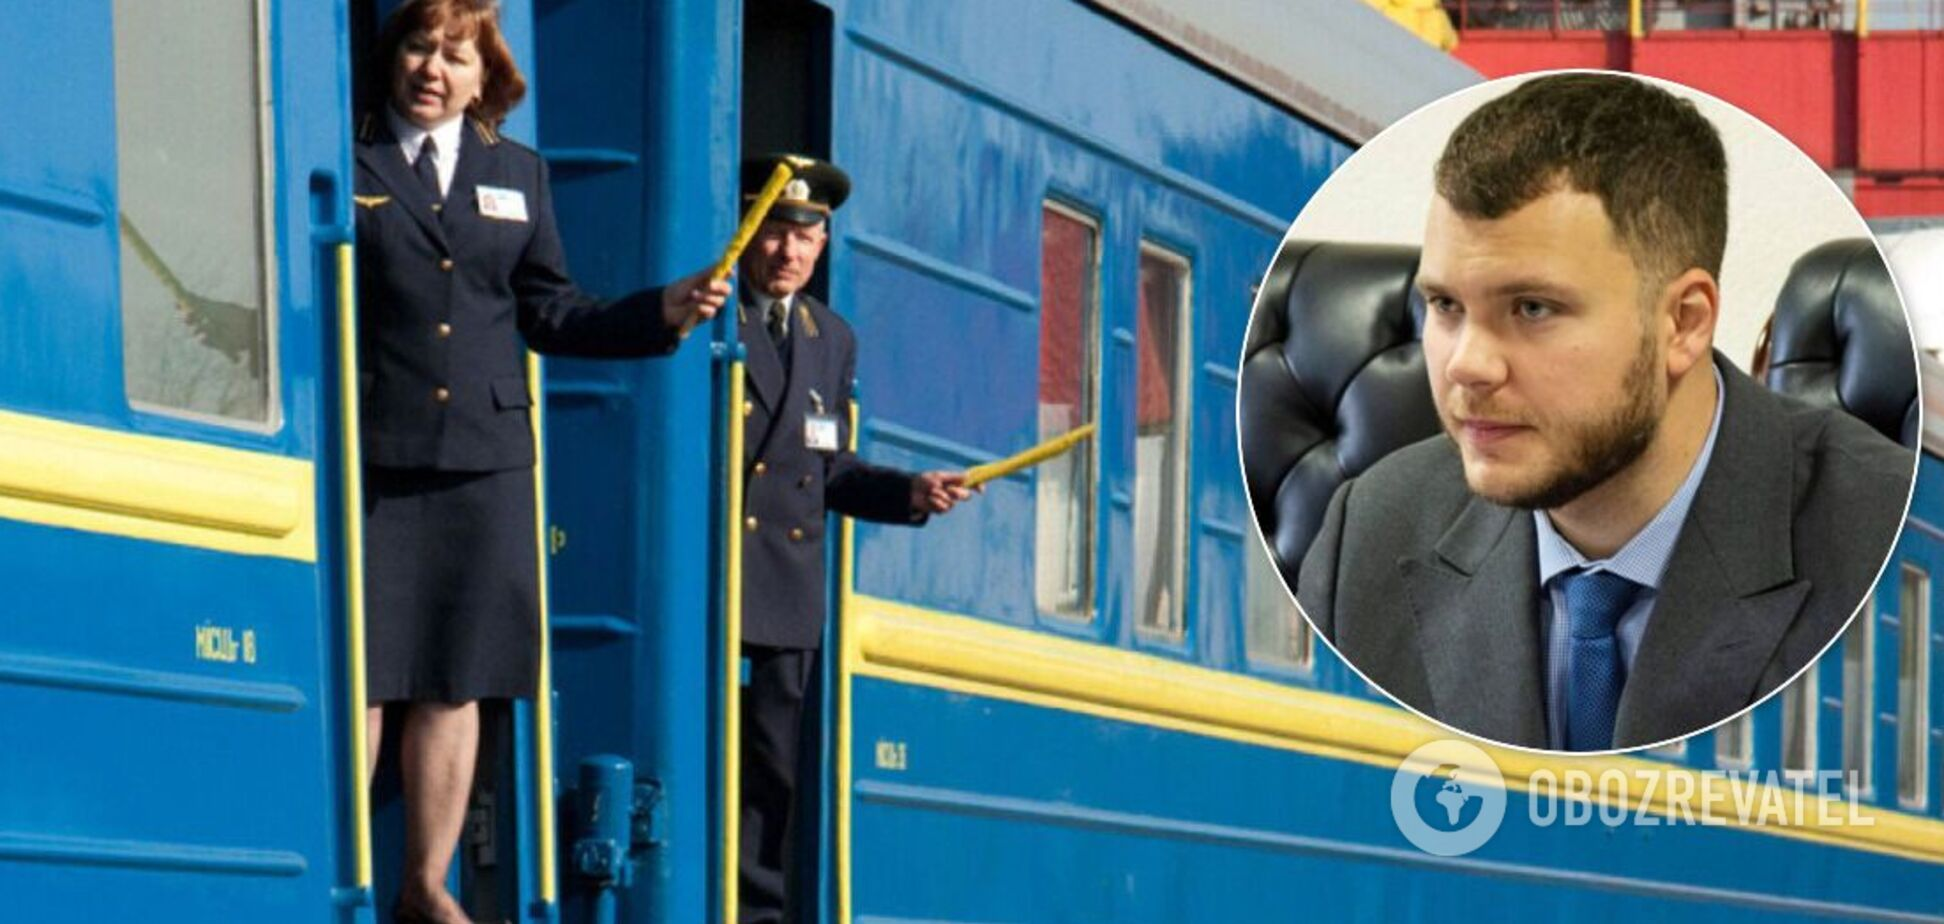 Криклій заявив про звільнення начальника поїзда і всіх провідників після скандалу зі спробою зґвалтування Анастасії Лугової